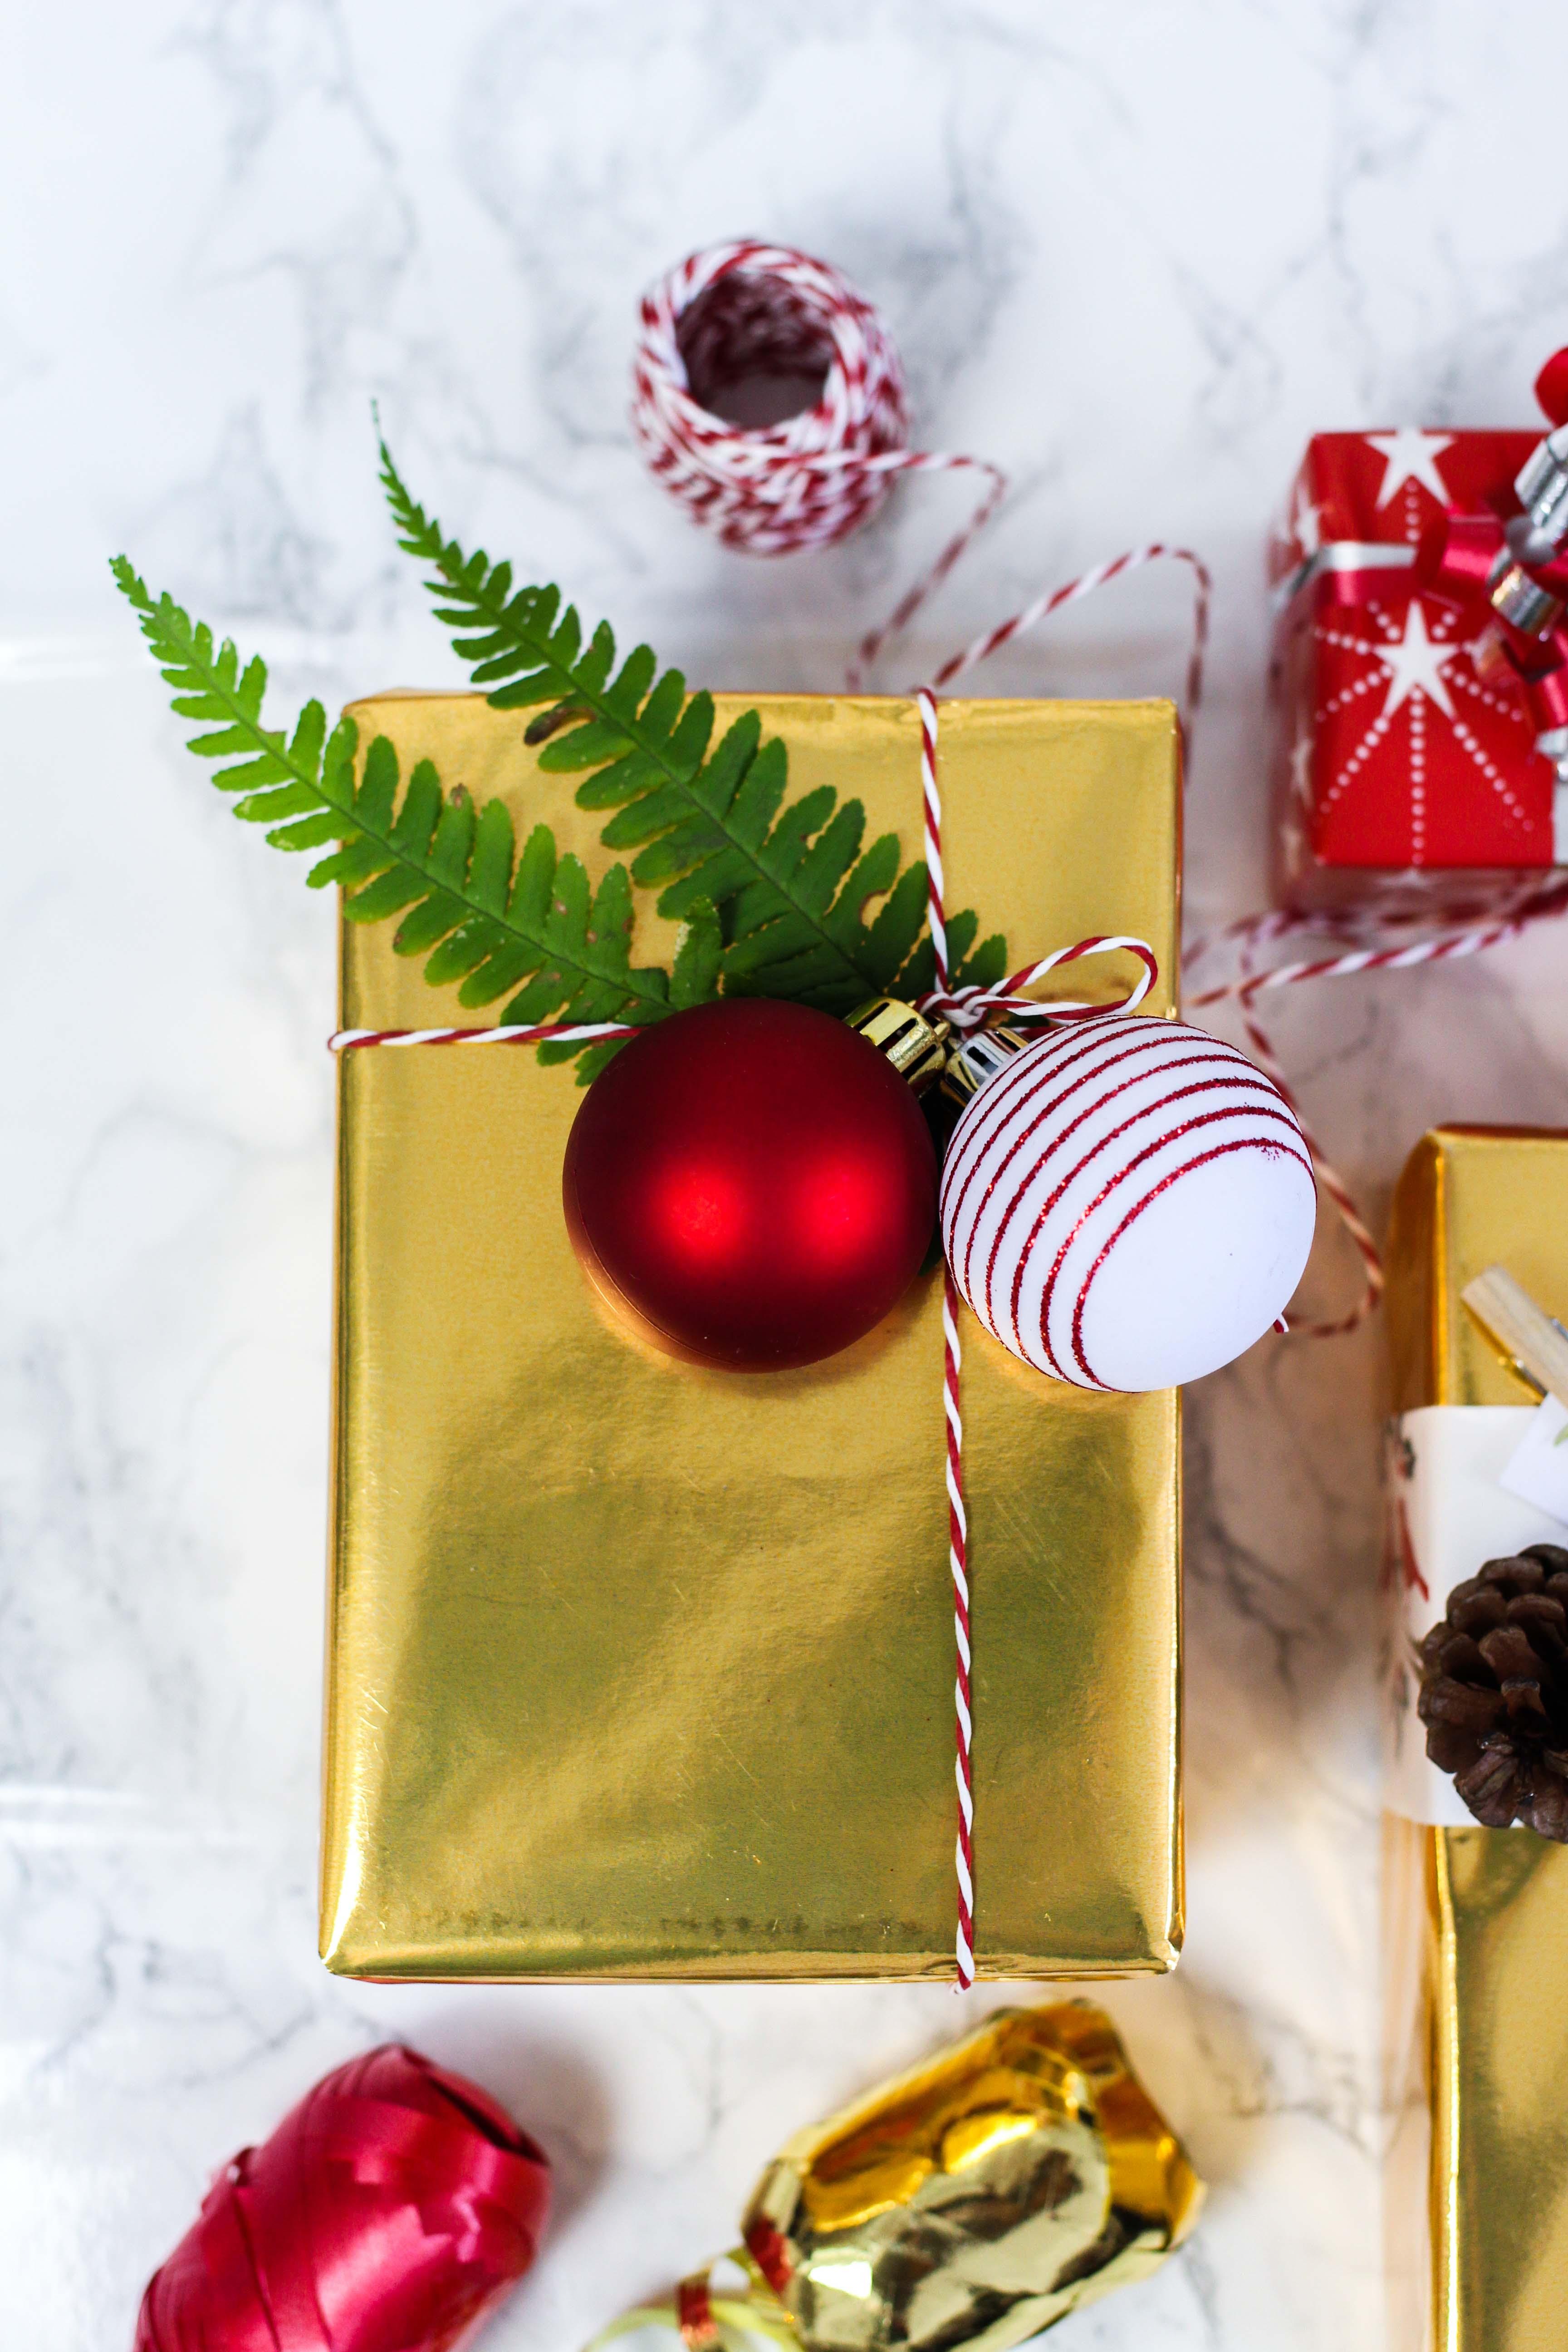 Geschenke kreativ einpacken Weihnachten Kreativer Christmas Gift Wrapping Guide Clas Ohlson Geschenkpapier Geschenk Ideen Dekoration gold Weihnachtskugeln